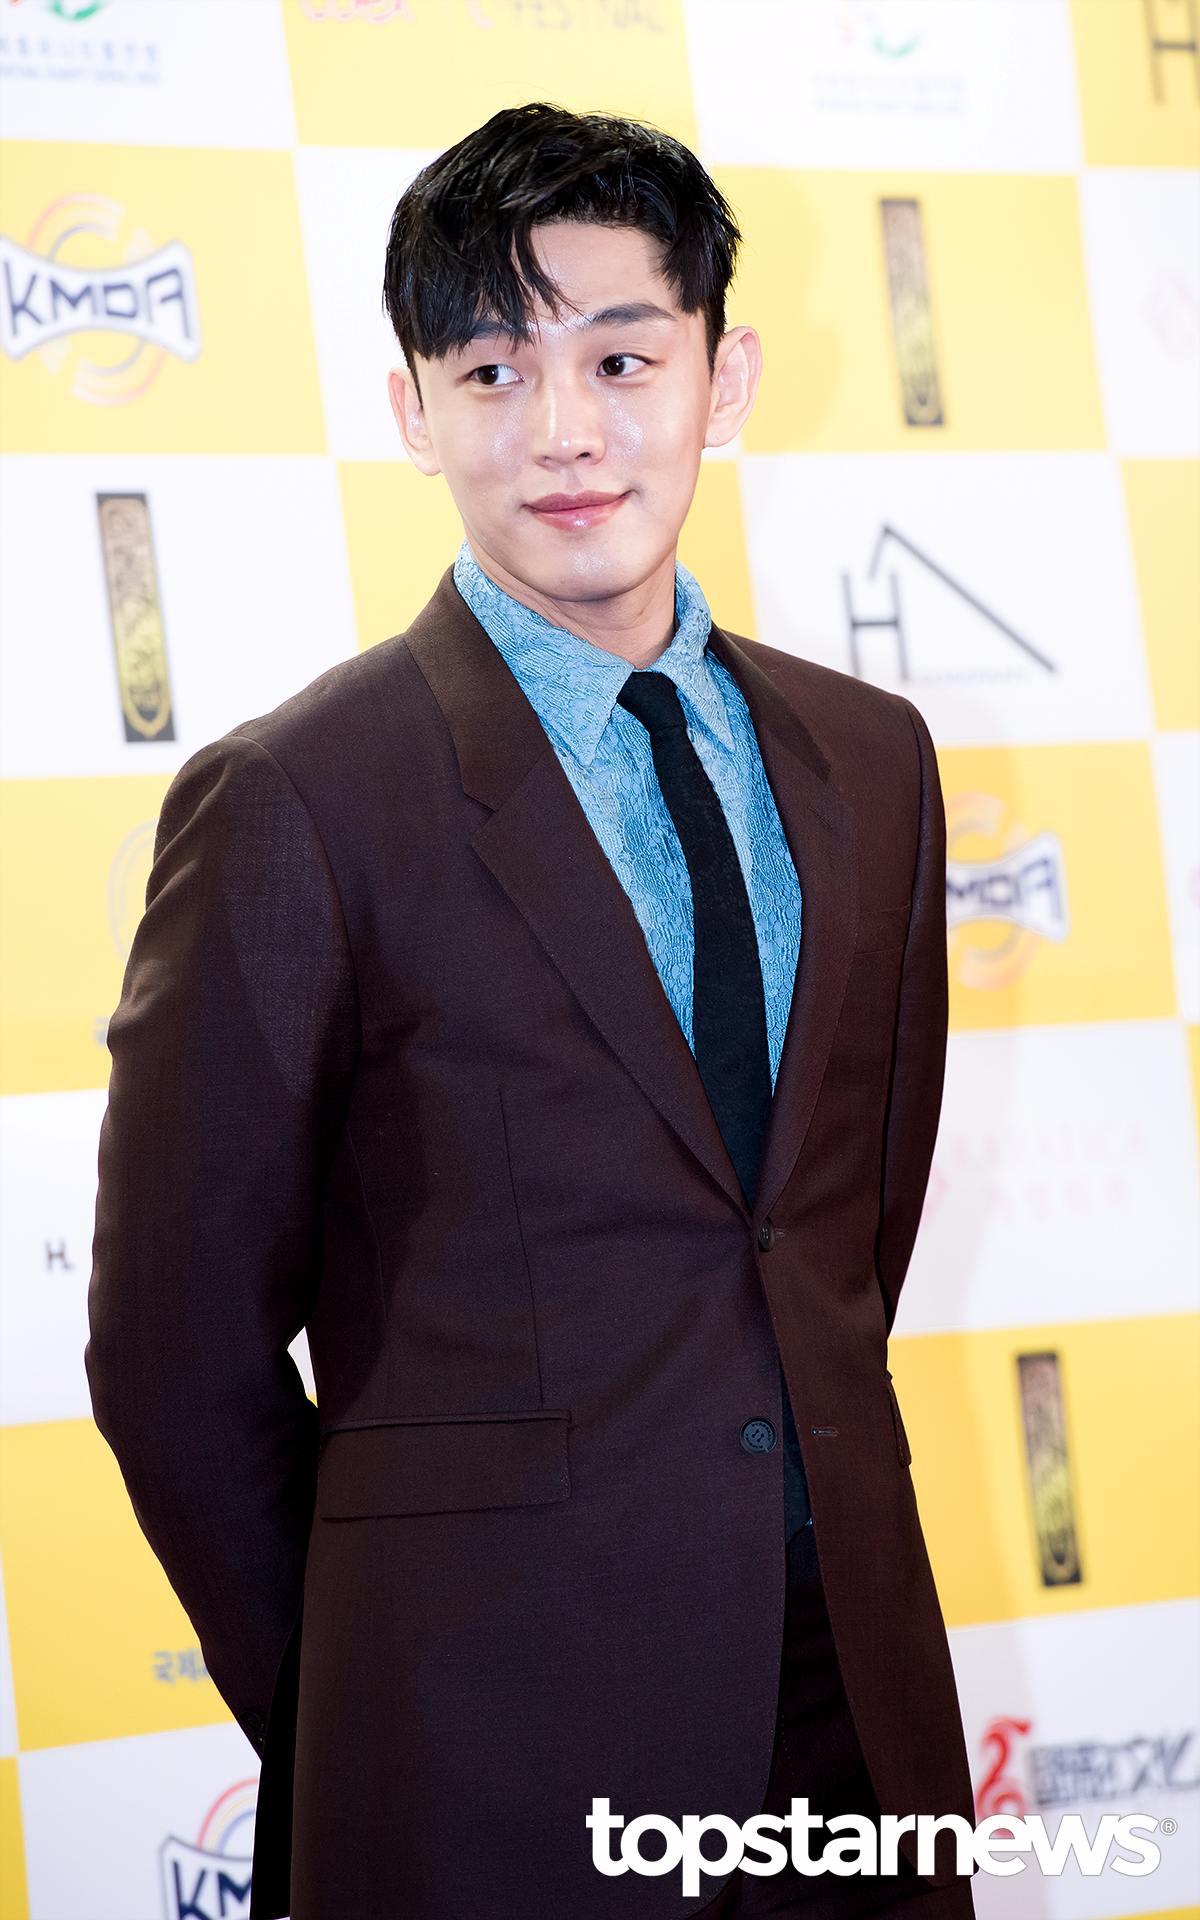 ➤ 劉亞仁 16歲時為了成為SOLO歌手而開始練習生的生活,但最後卻在《玉琳的成長日記》中以演員身分出道。